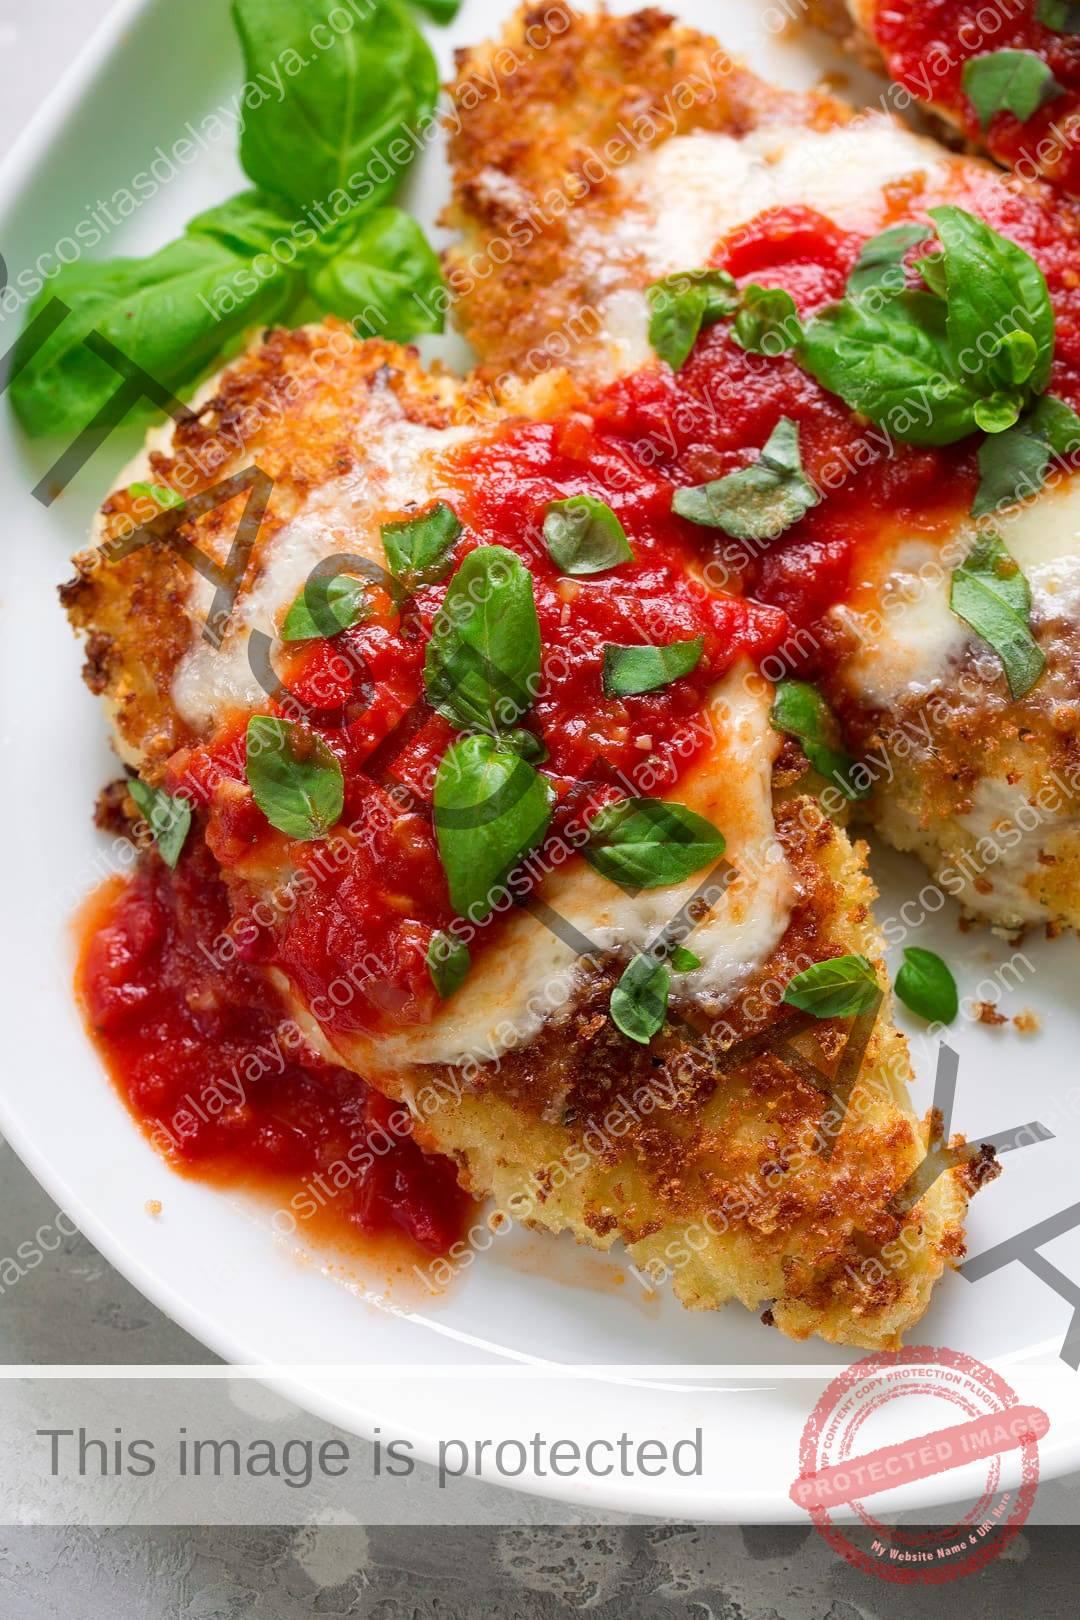 Overhead close-up imagem de duas peças de frango parmesão em um prato de servir branco. O frango é coberto com migalhas de pão Panko douradas, mussarela derretida, molho marinara e manjericão fresco.